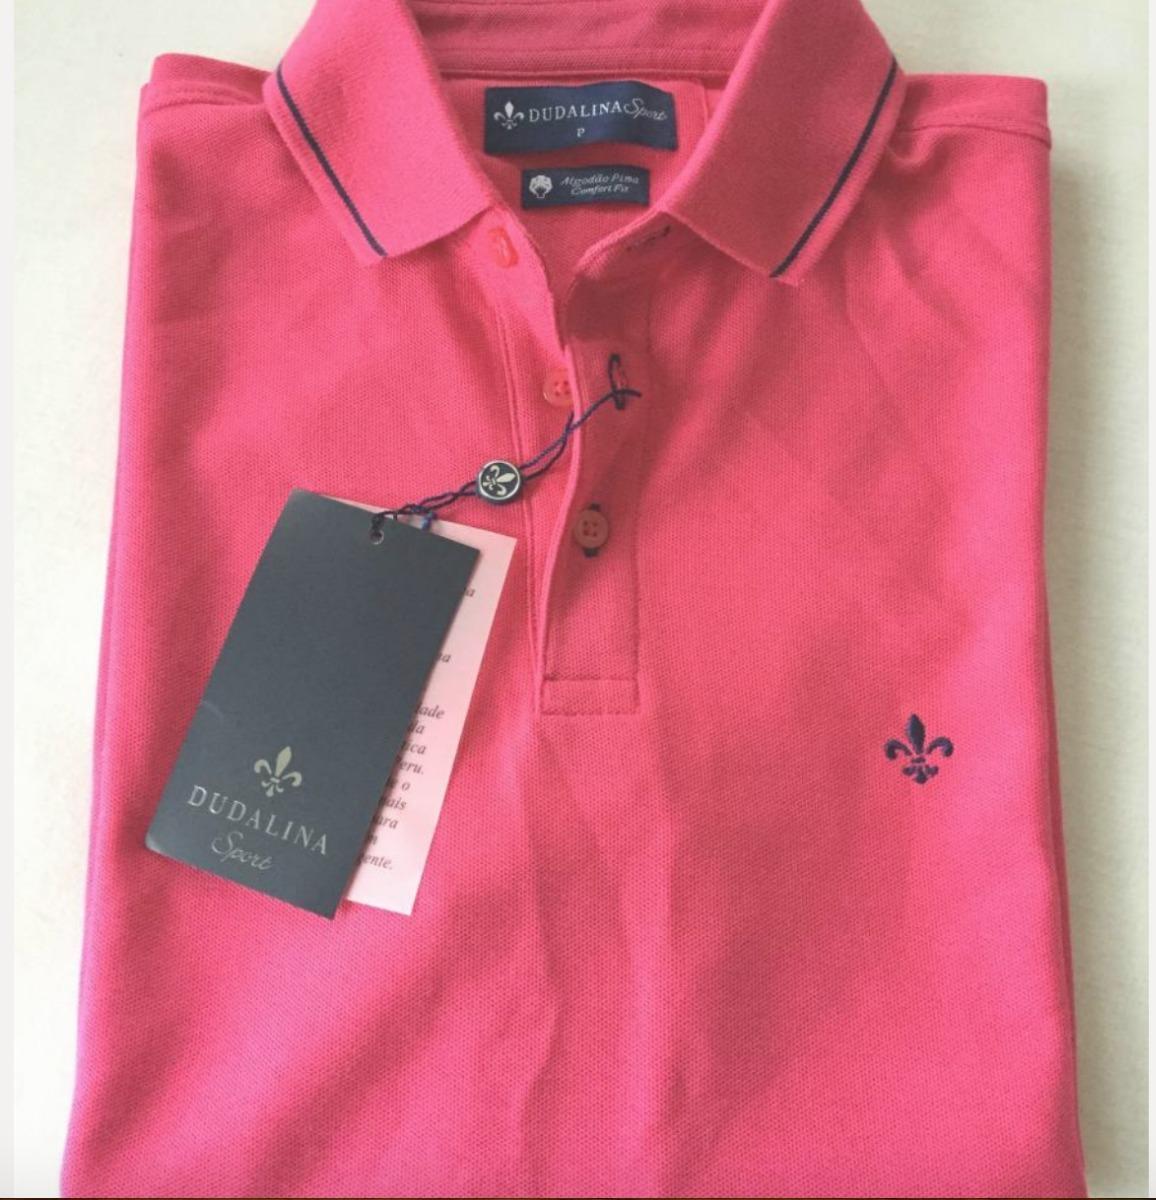 camisa polo - dudalina - unissex p. Carregando zoom. 32acc749e405d